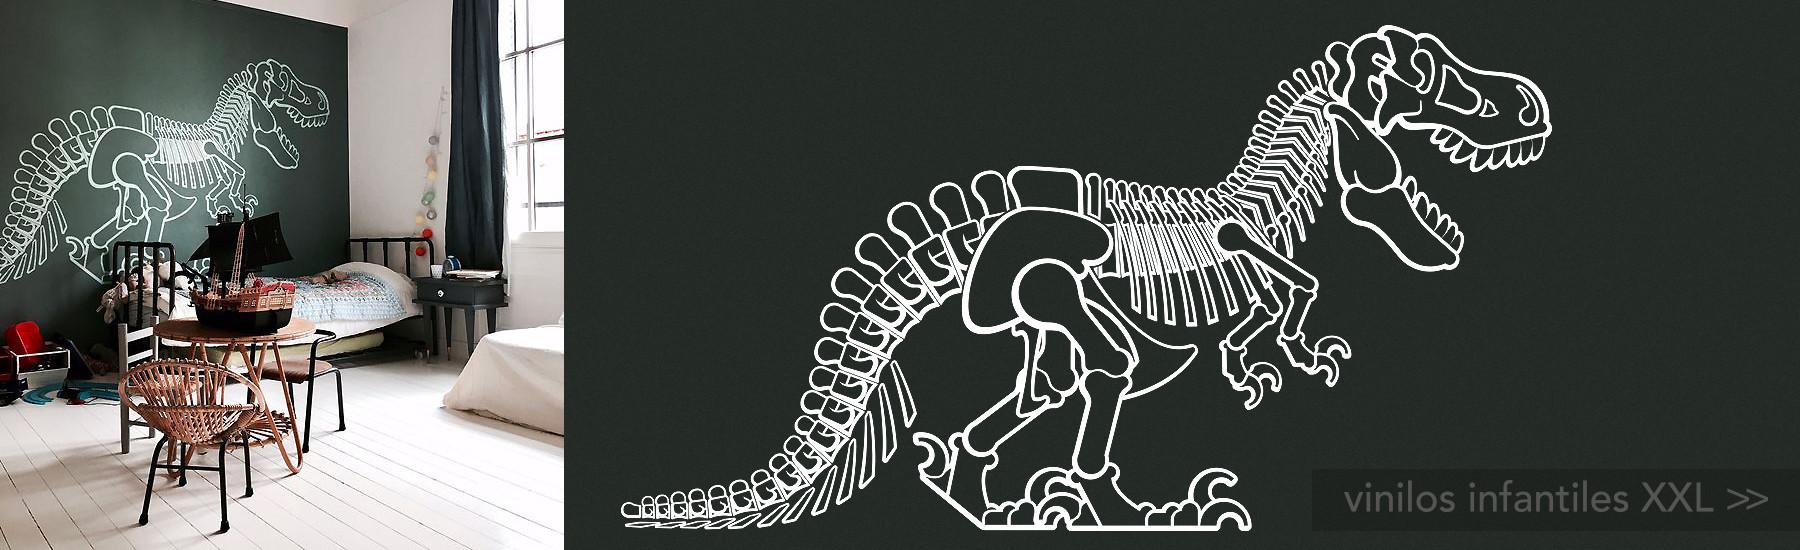 vinilos infantiles dinosaurio t-rex XXL, decoración de pared niños